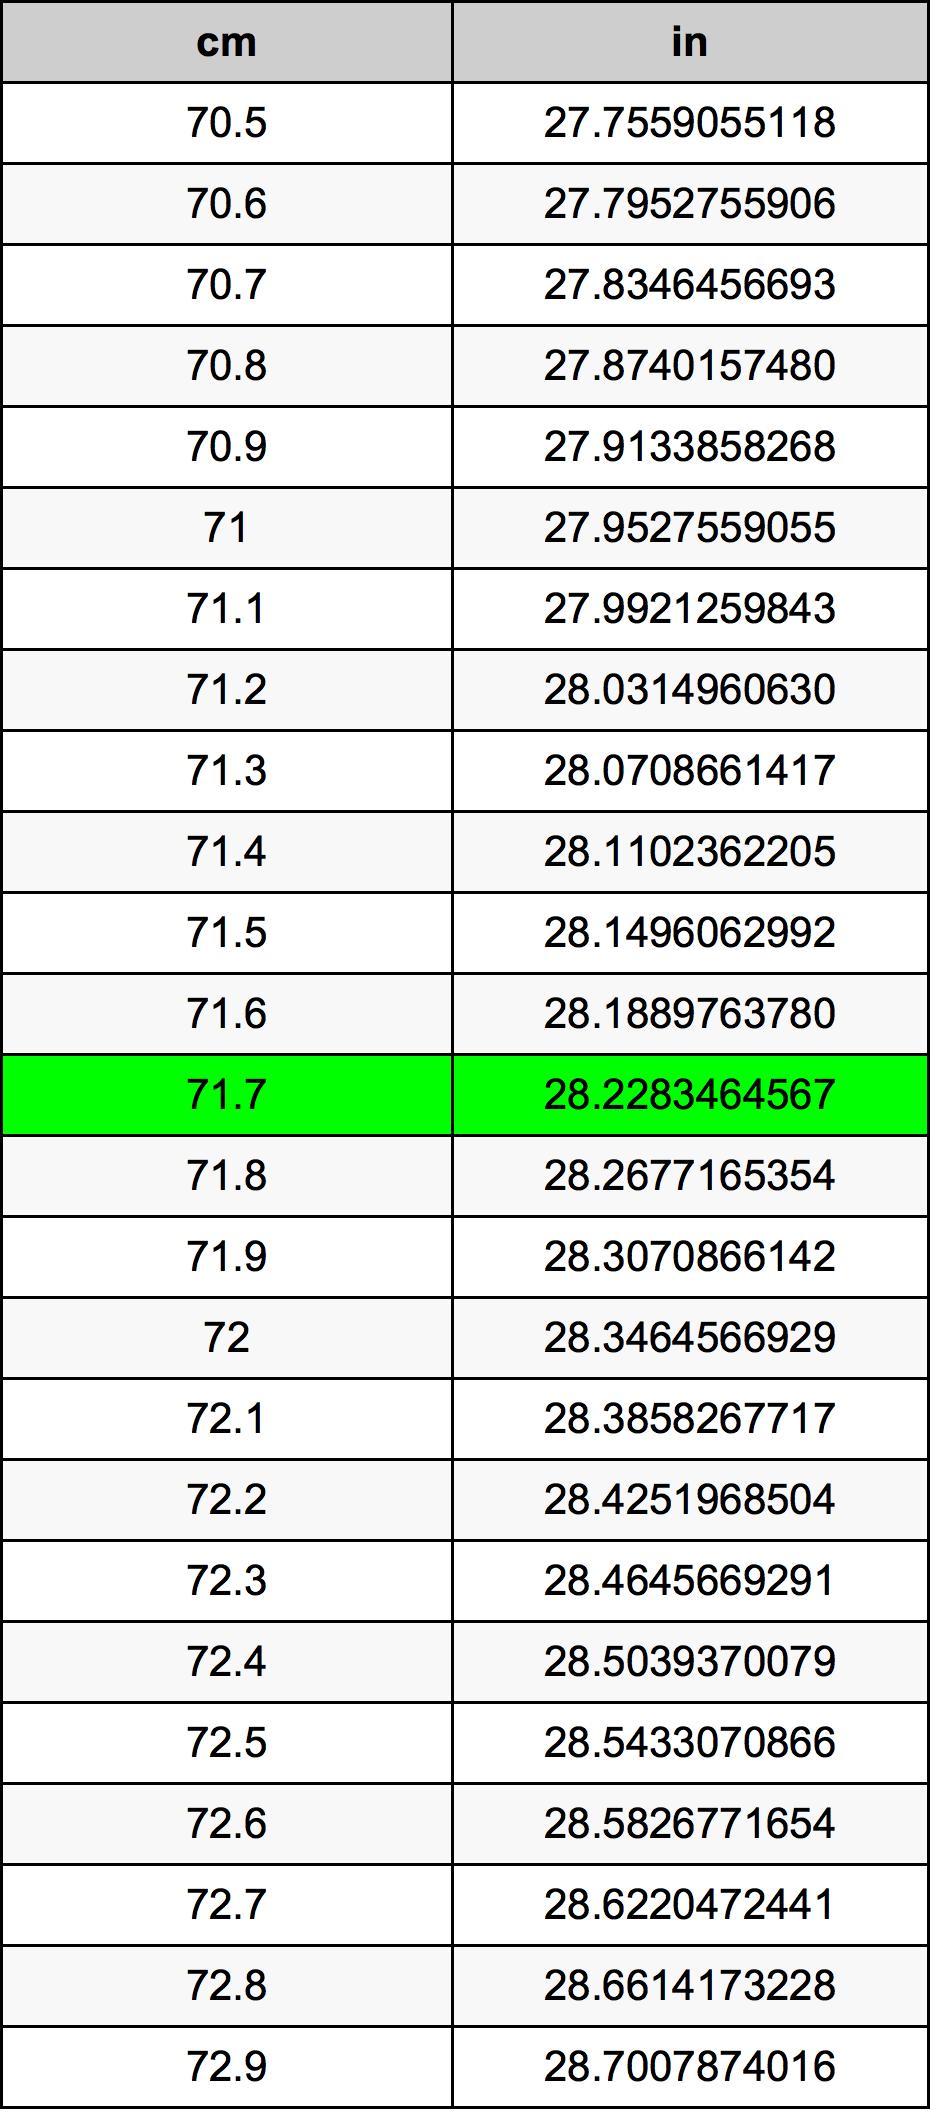 71.7 Centimeter konverteringstabell